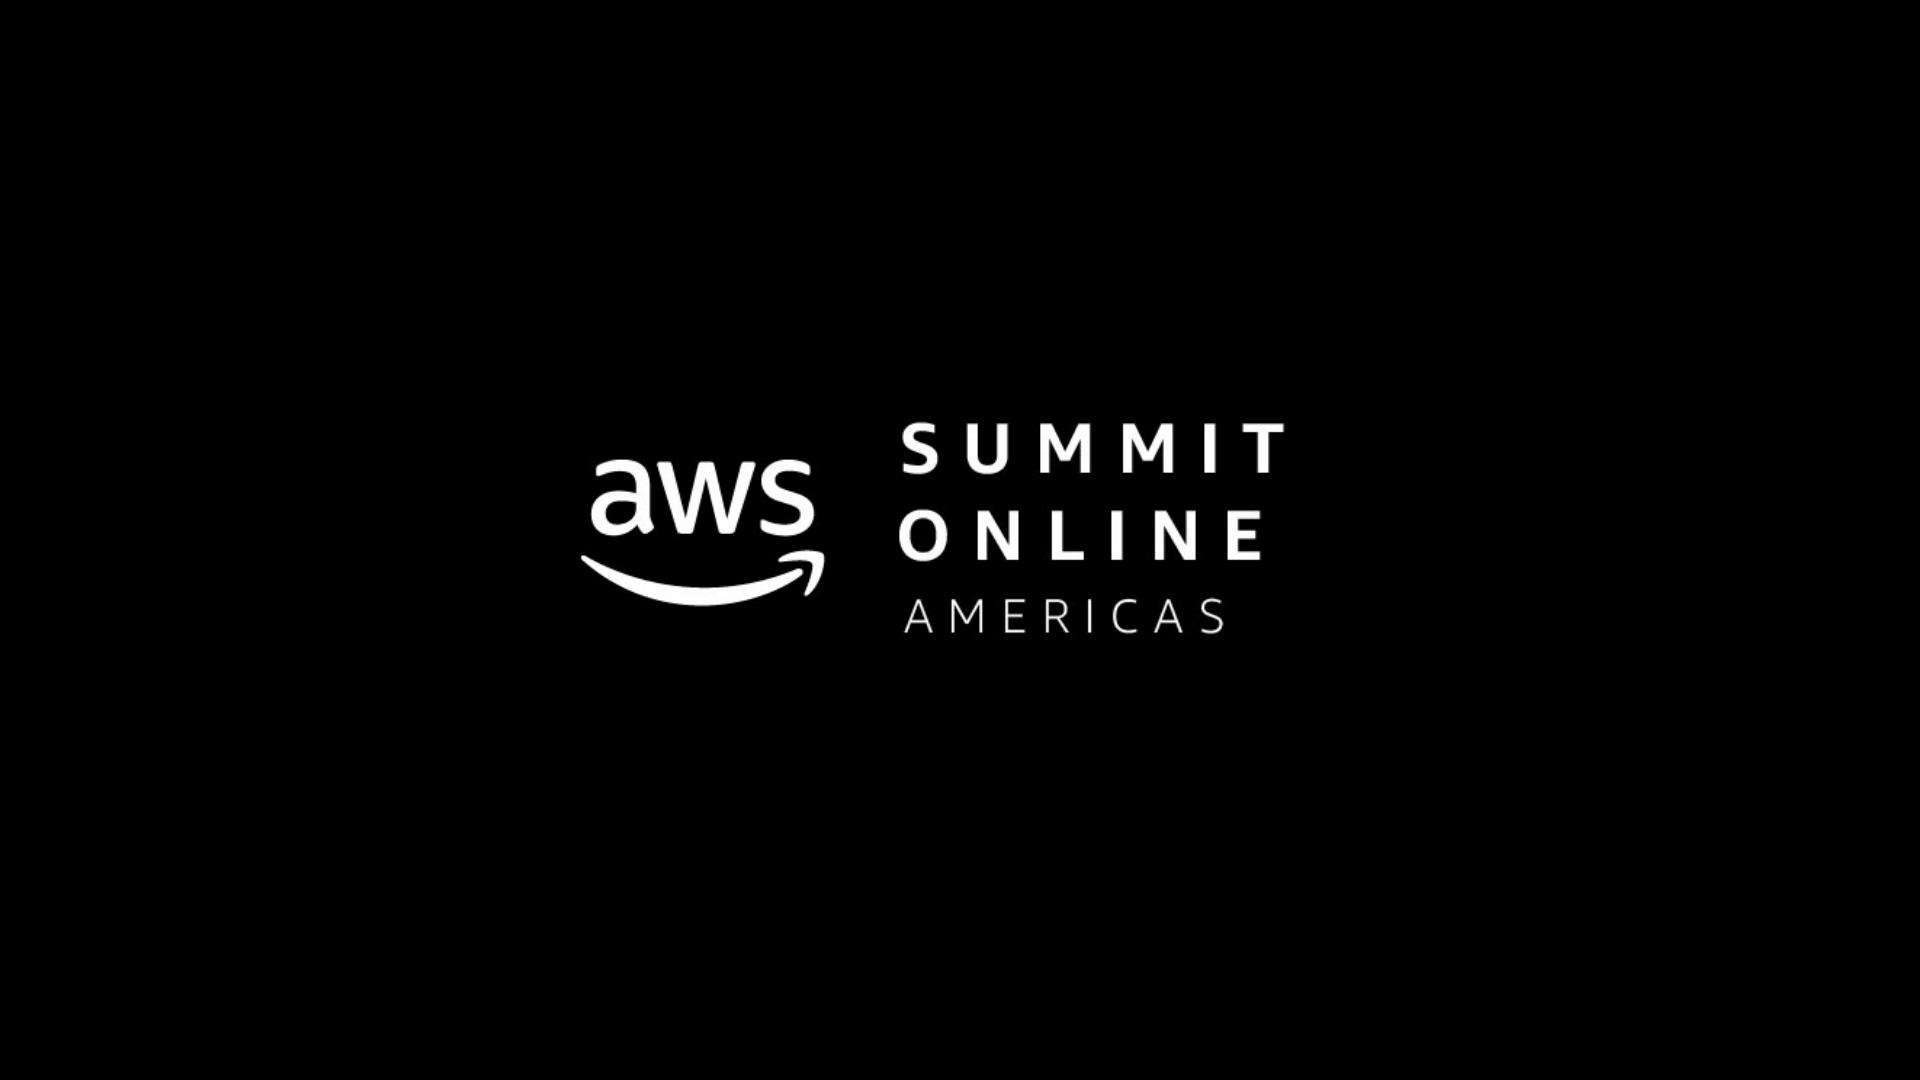 AWS Virtual Summit Americas